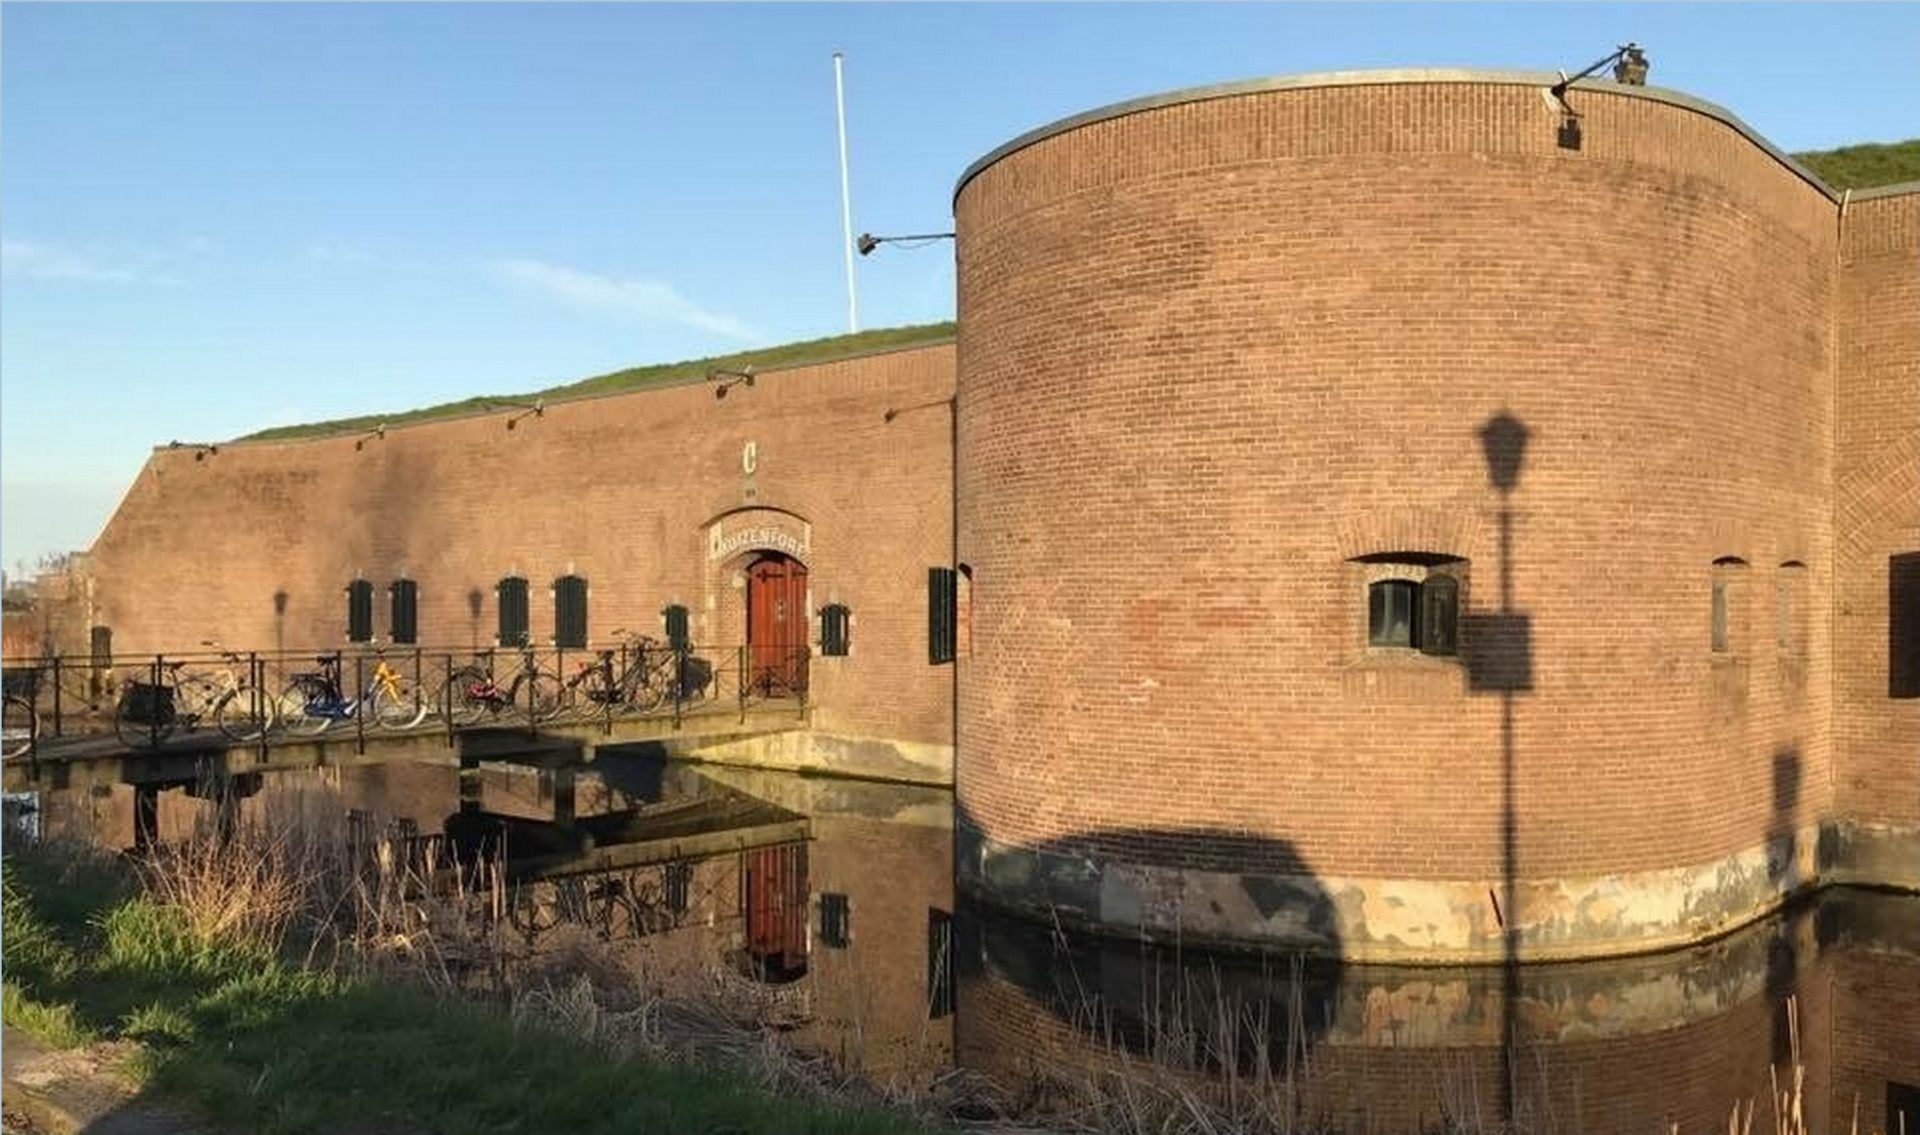 Fort C als vergaderlocatie en escaperoom in Muiden